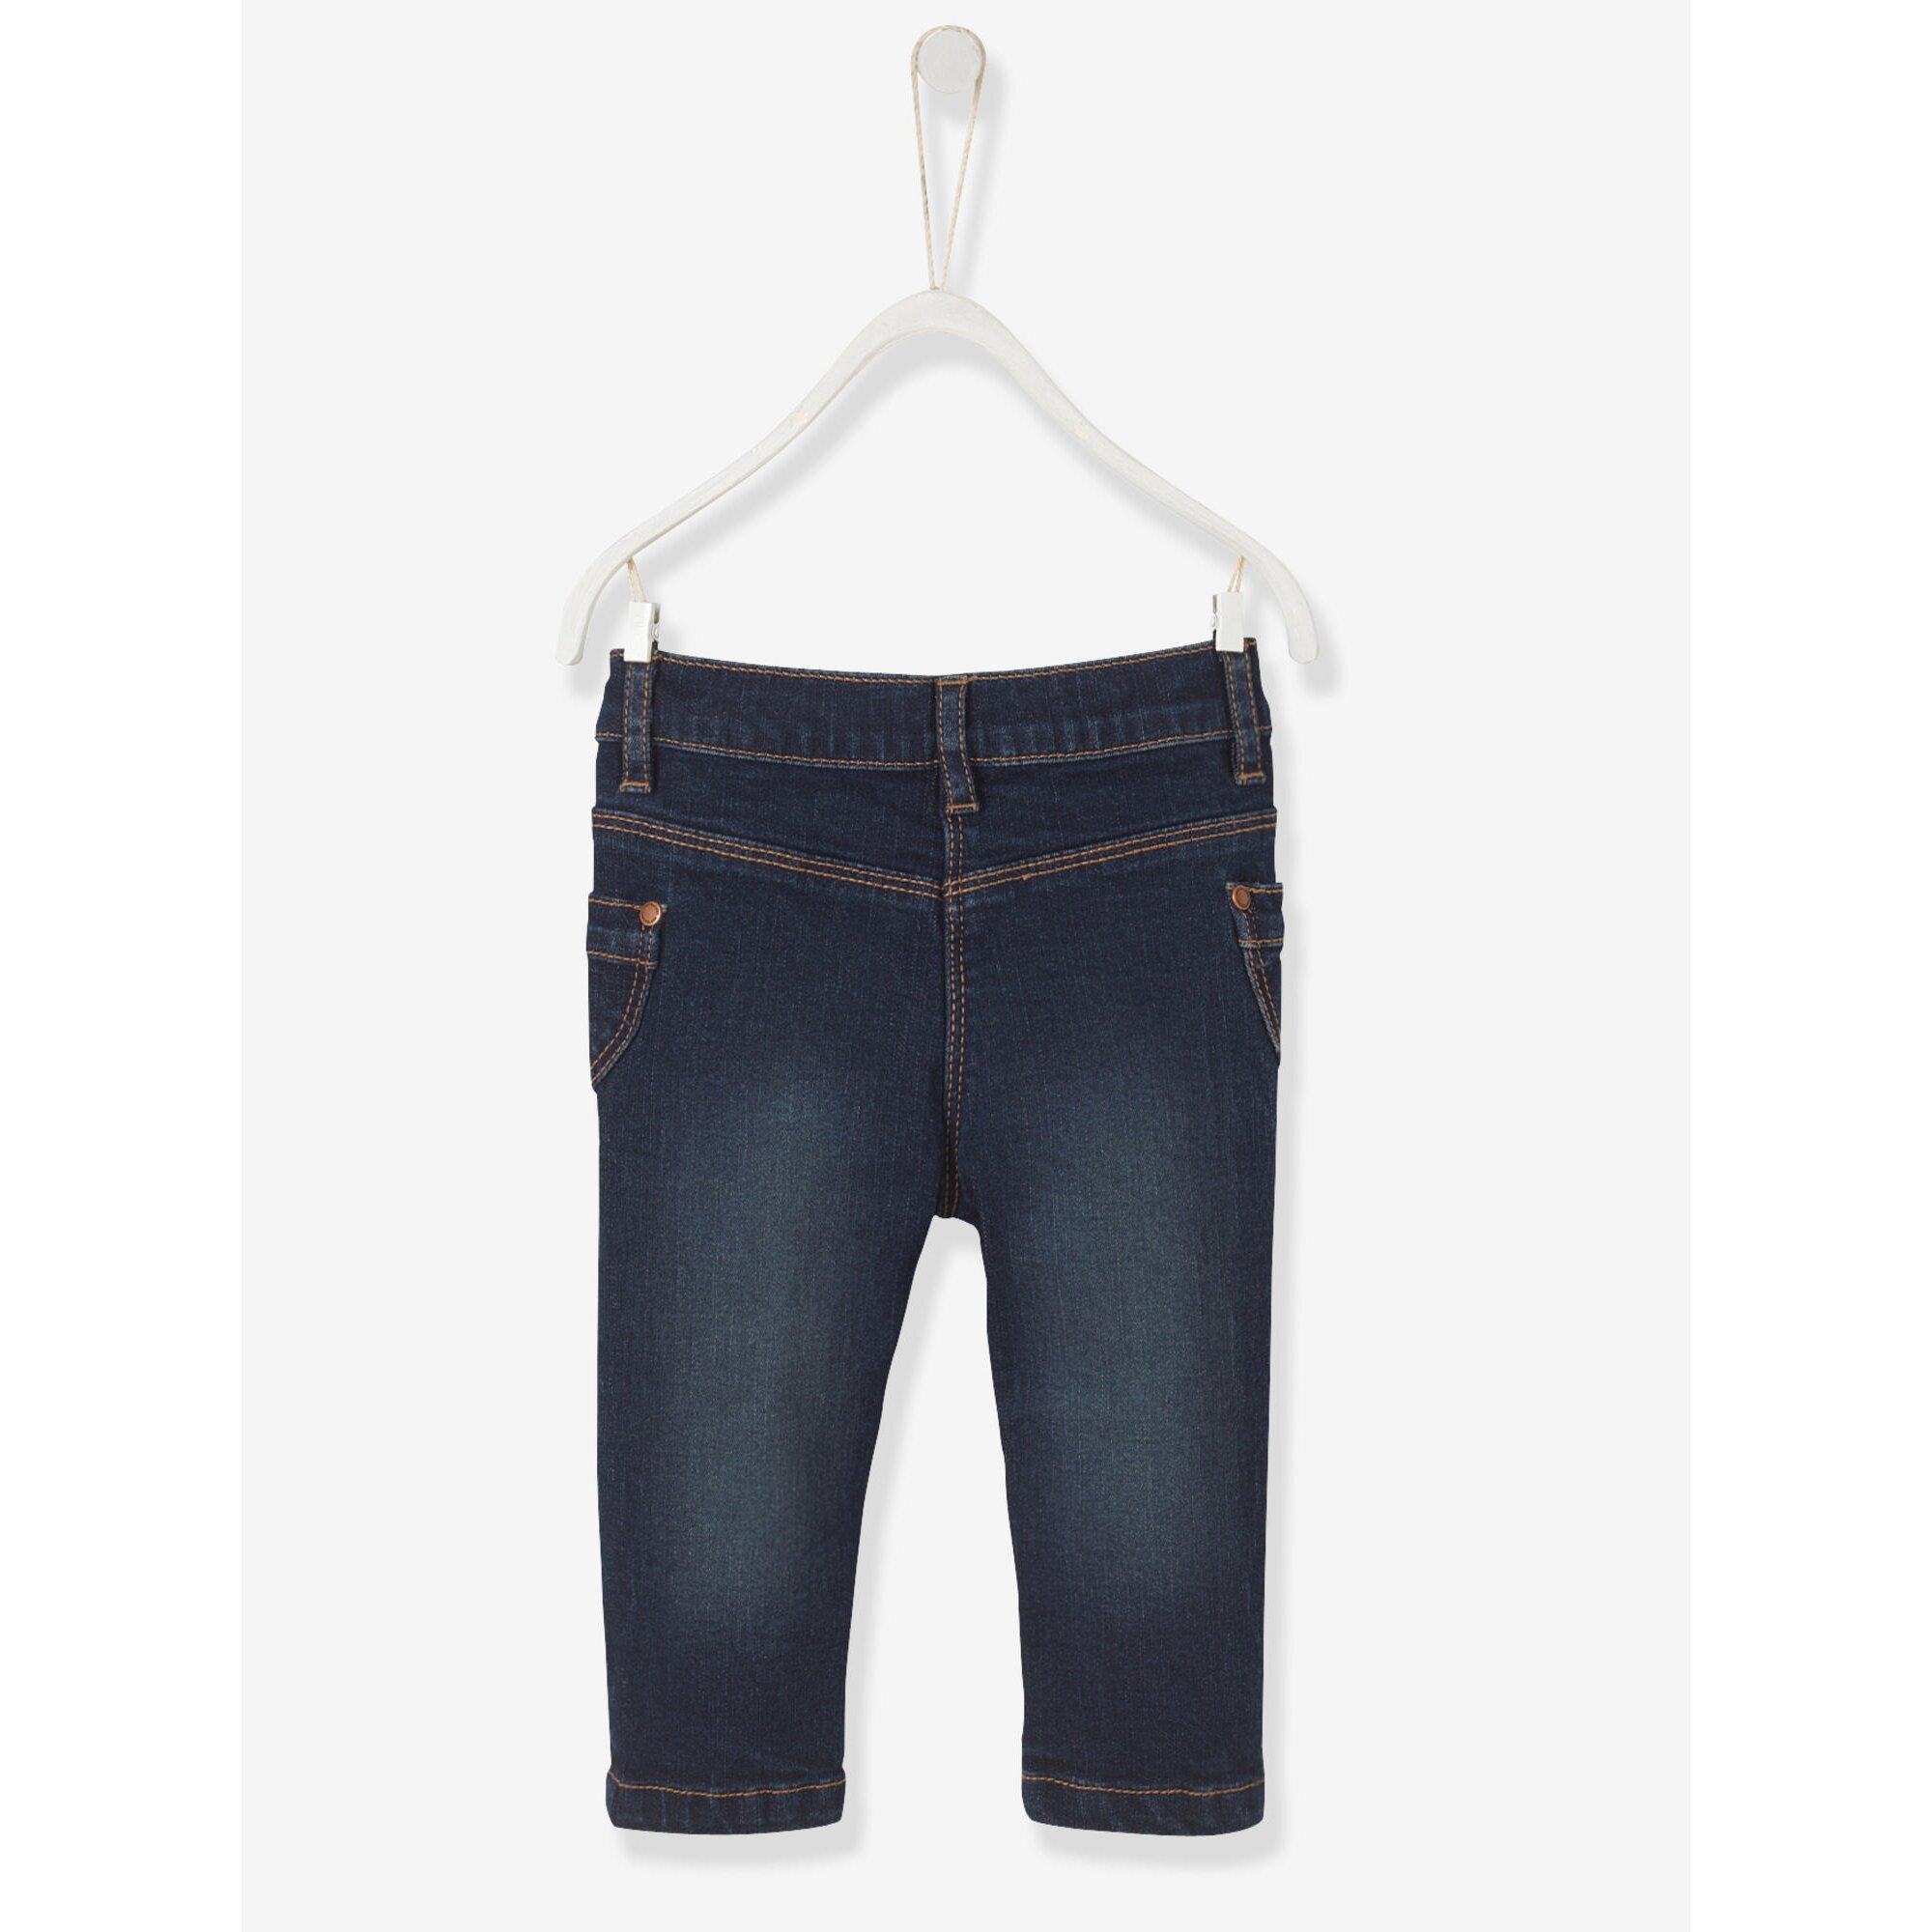 vertbaudet-gerade-jeans-fur-baby-madchen